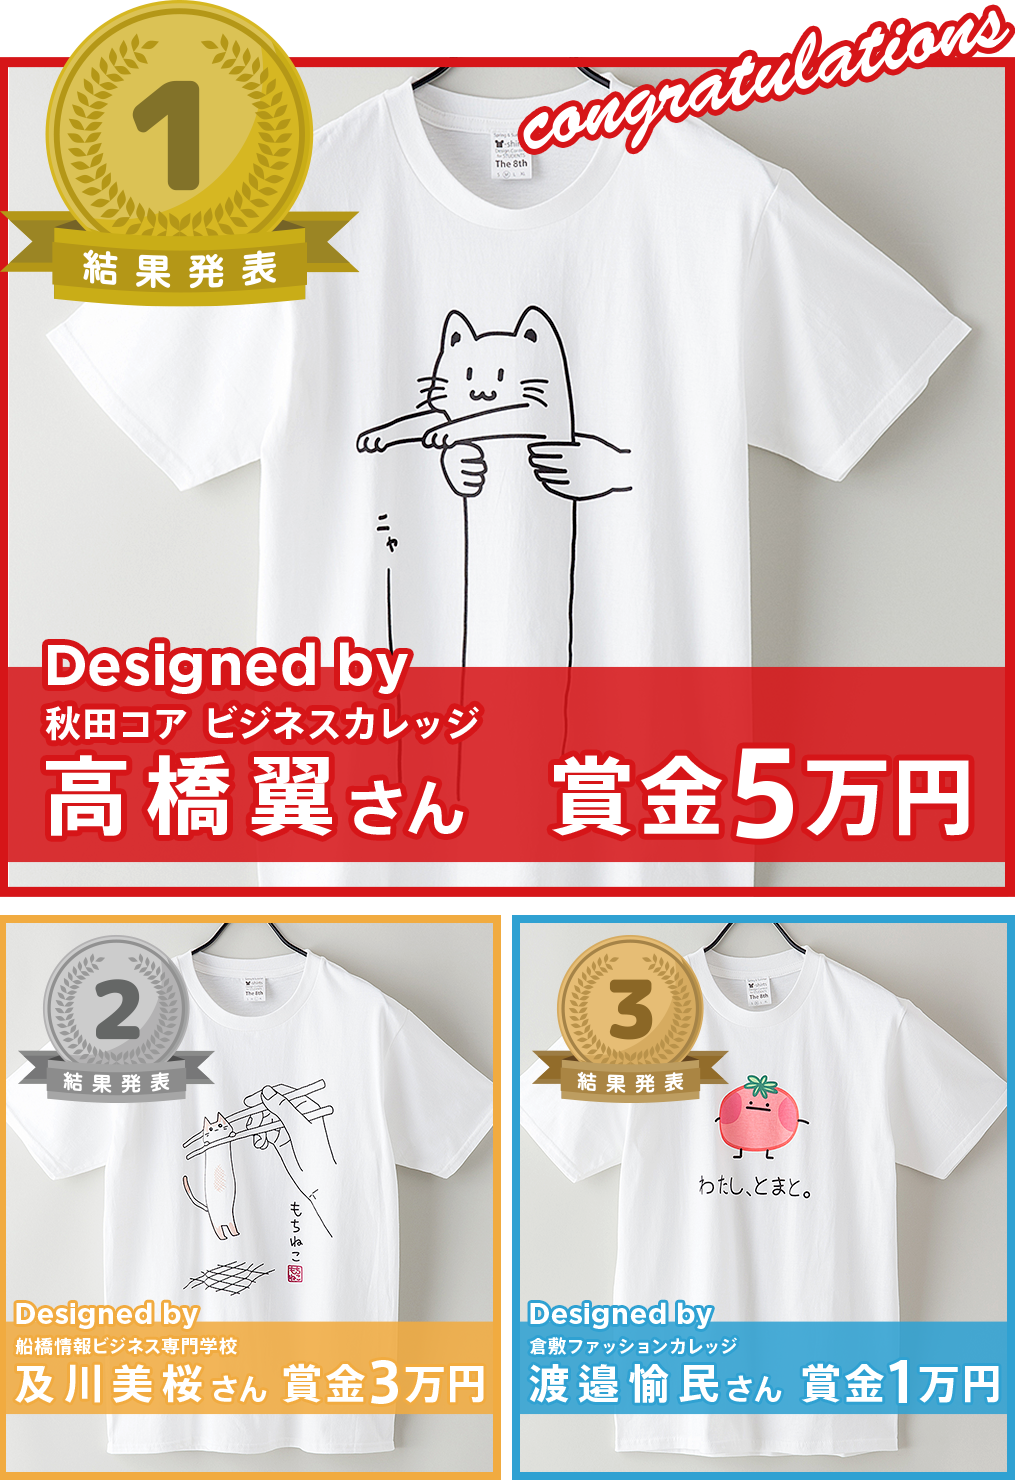 専門学生対象 Spring & Summer 2020 Tシャツデザインコンテスト 1位〜3位結果発表!